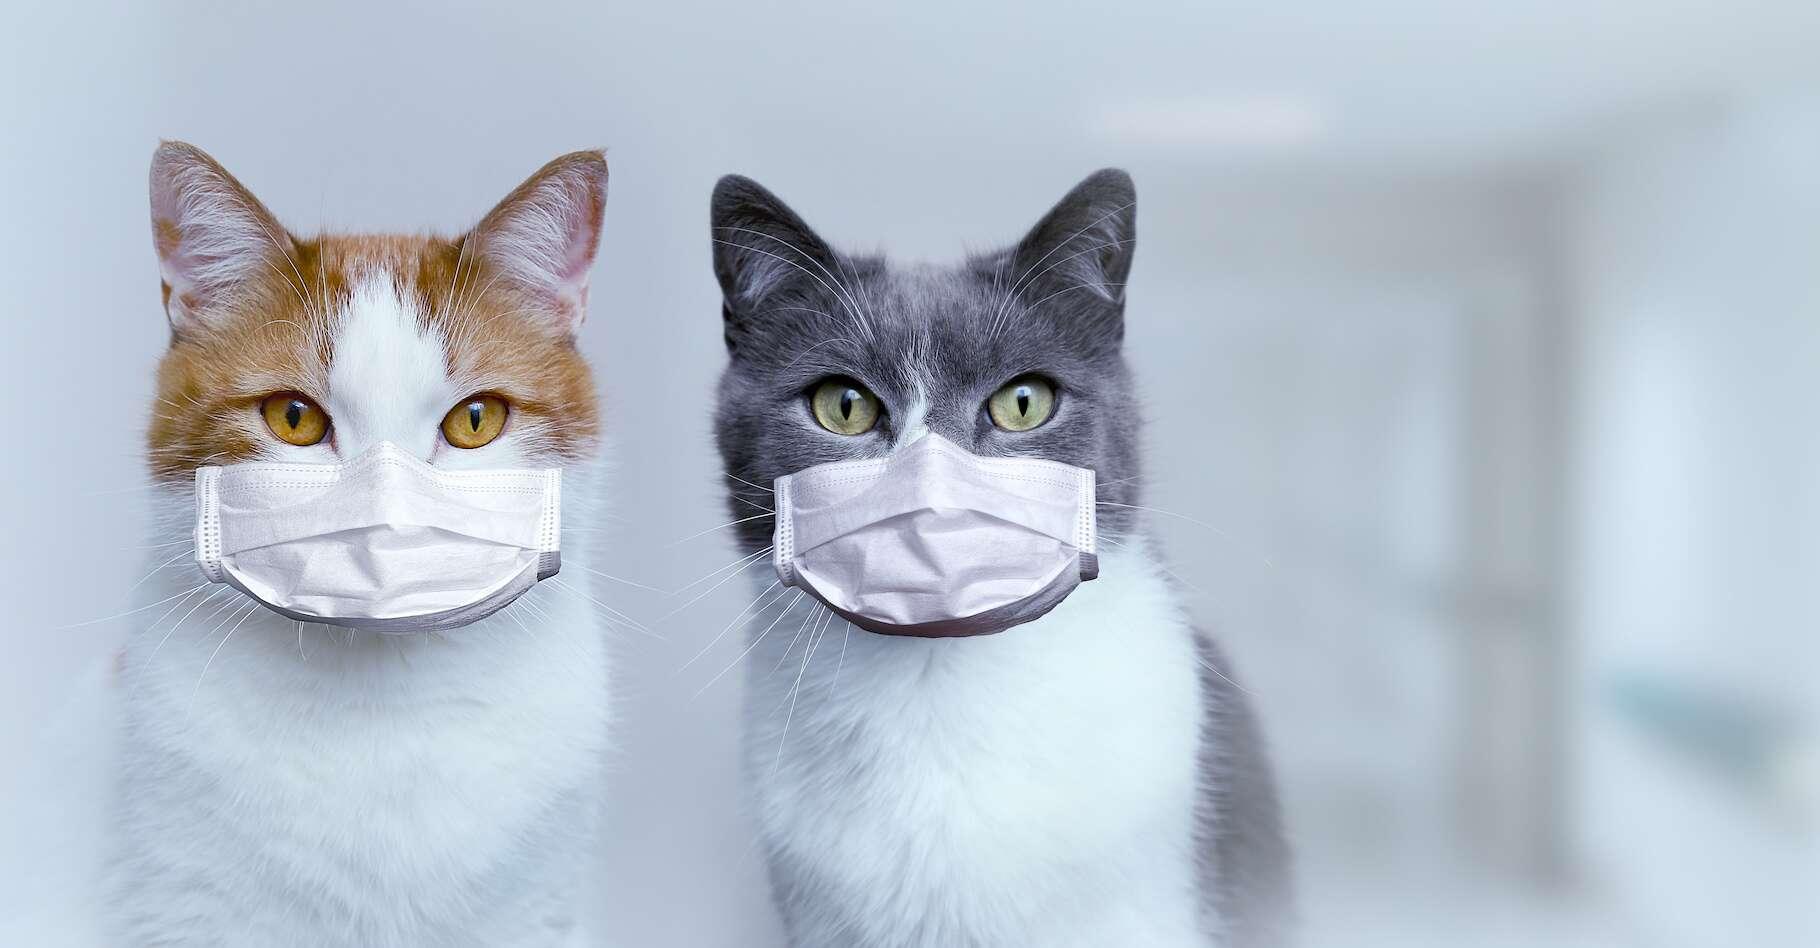 Les chats pourraient être infectés par le coronavirus et le transmettre à d'autres chats. Probablement pas aux humains, mais d'autres études seront nécessaires pour s'en assurer. © Natalya Chumak, Adobe Stock